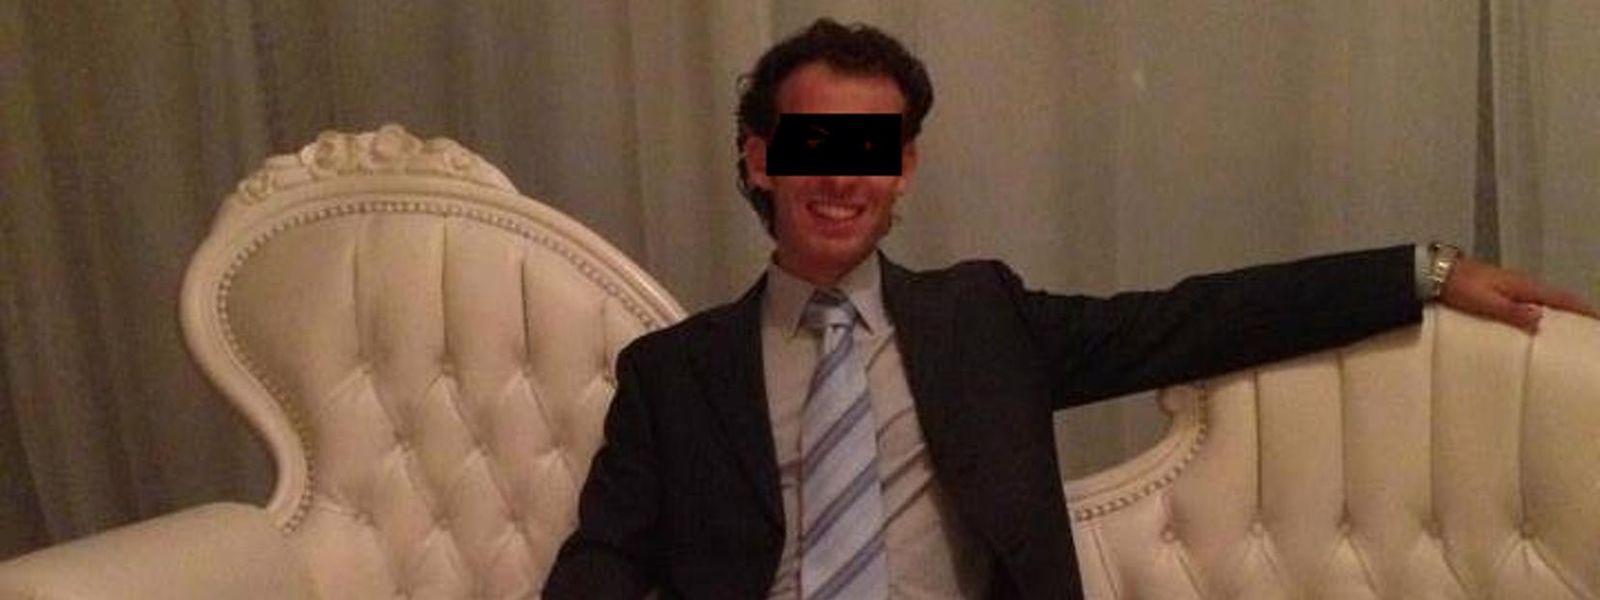 Santo Rumbo war am 9. August 2019 in Zolver von Spezialeinheiten der Luxemburger Polizei festgenommen worden.